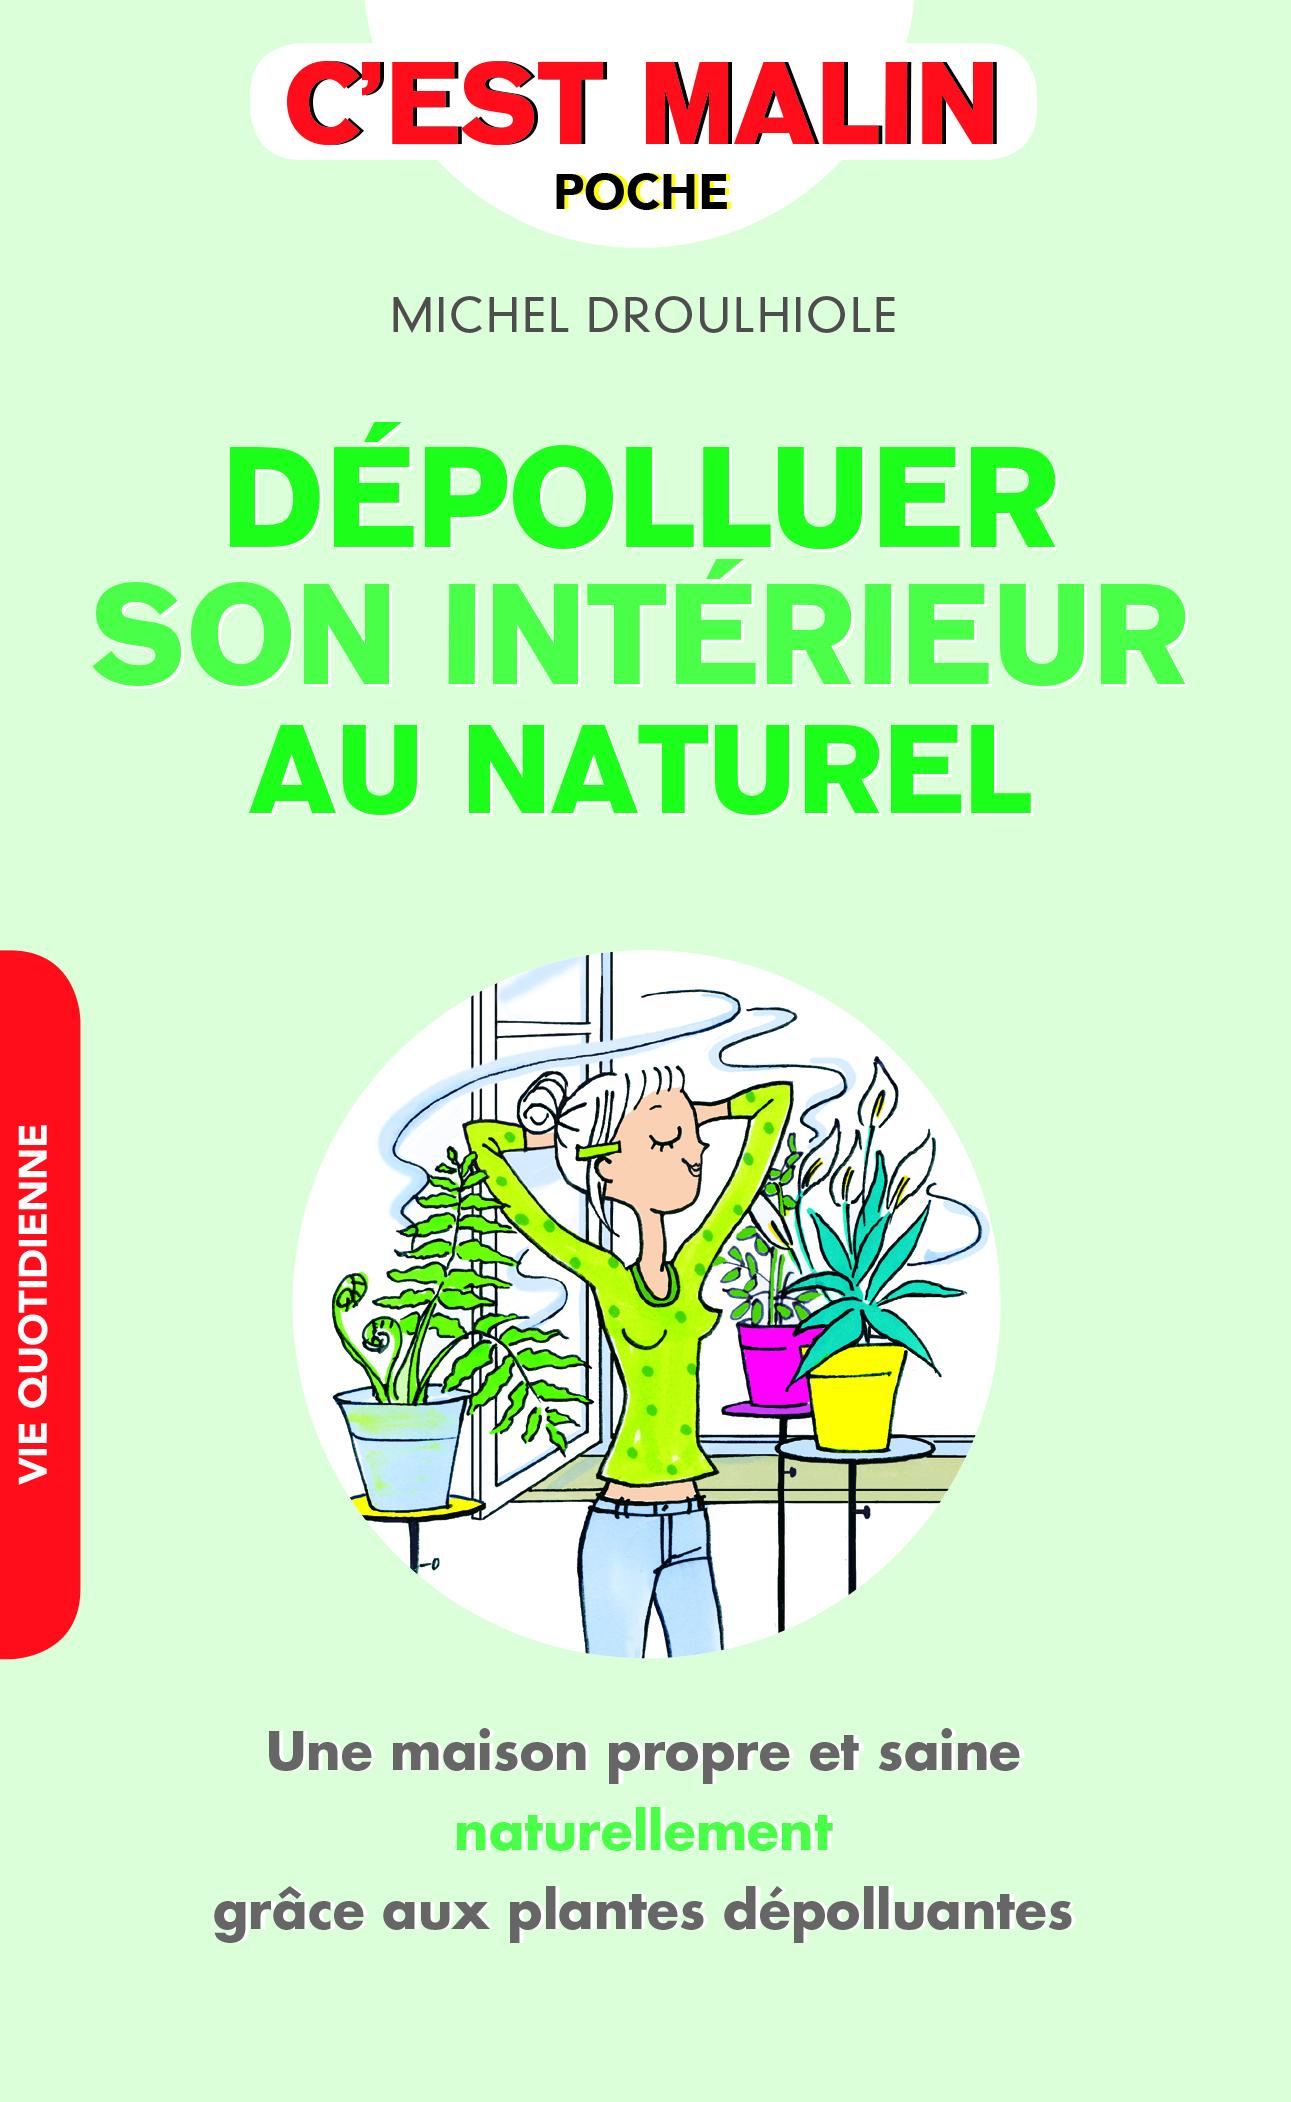 DEPOLLUER SON INTERIEUR AU NATUREL C'EST MALIN